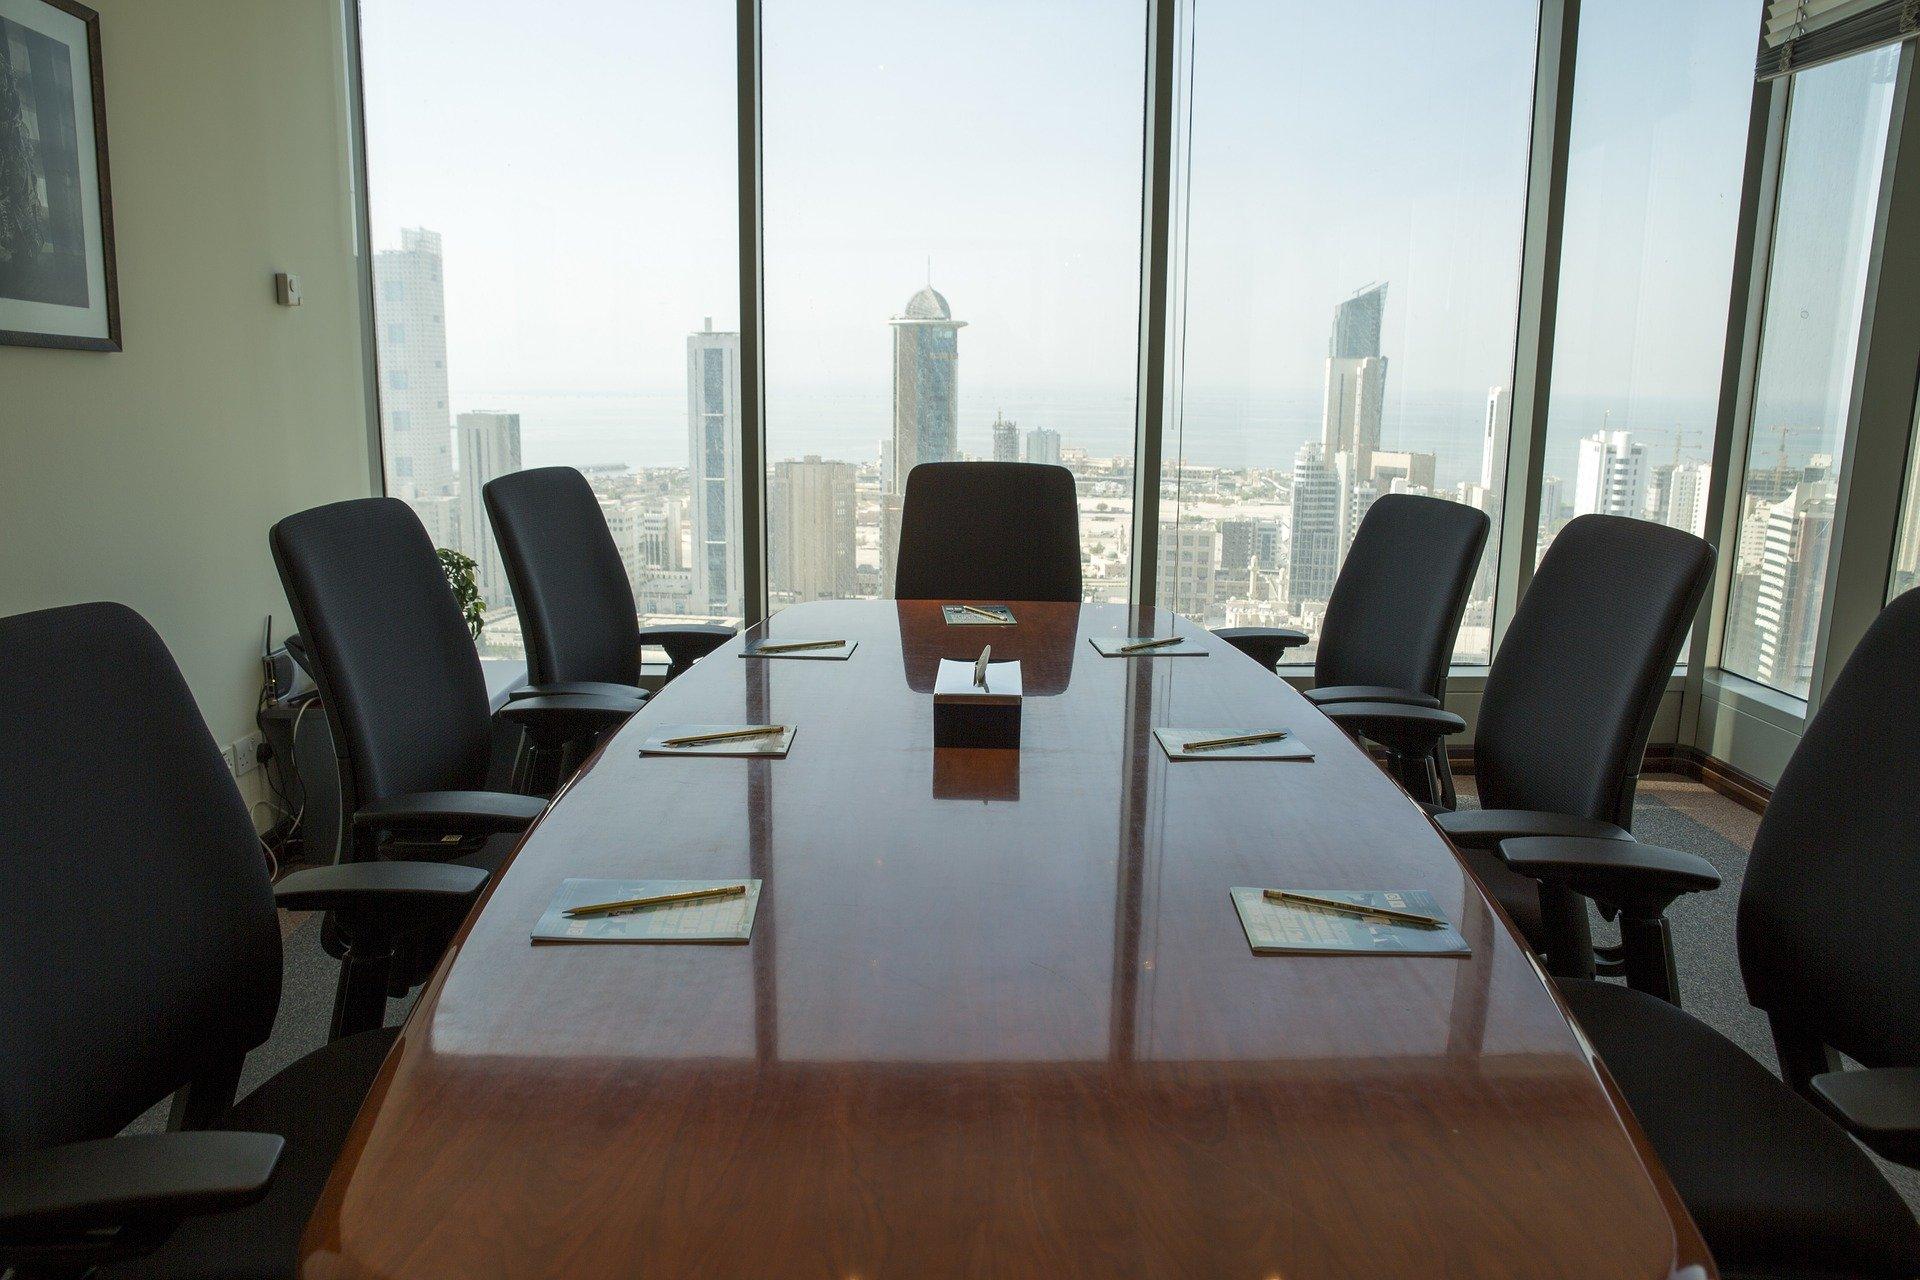 Umowa o pracę z członkiem zarządu i jednocześnie wspólnikiem spółki z o.o. – czy jest to możliwe?